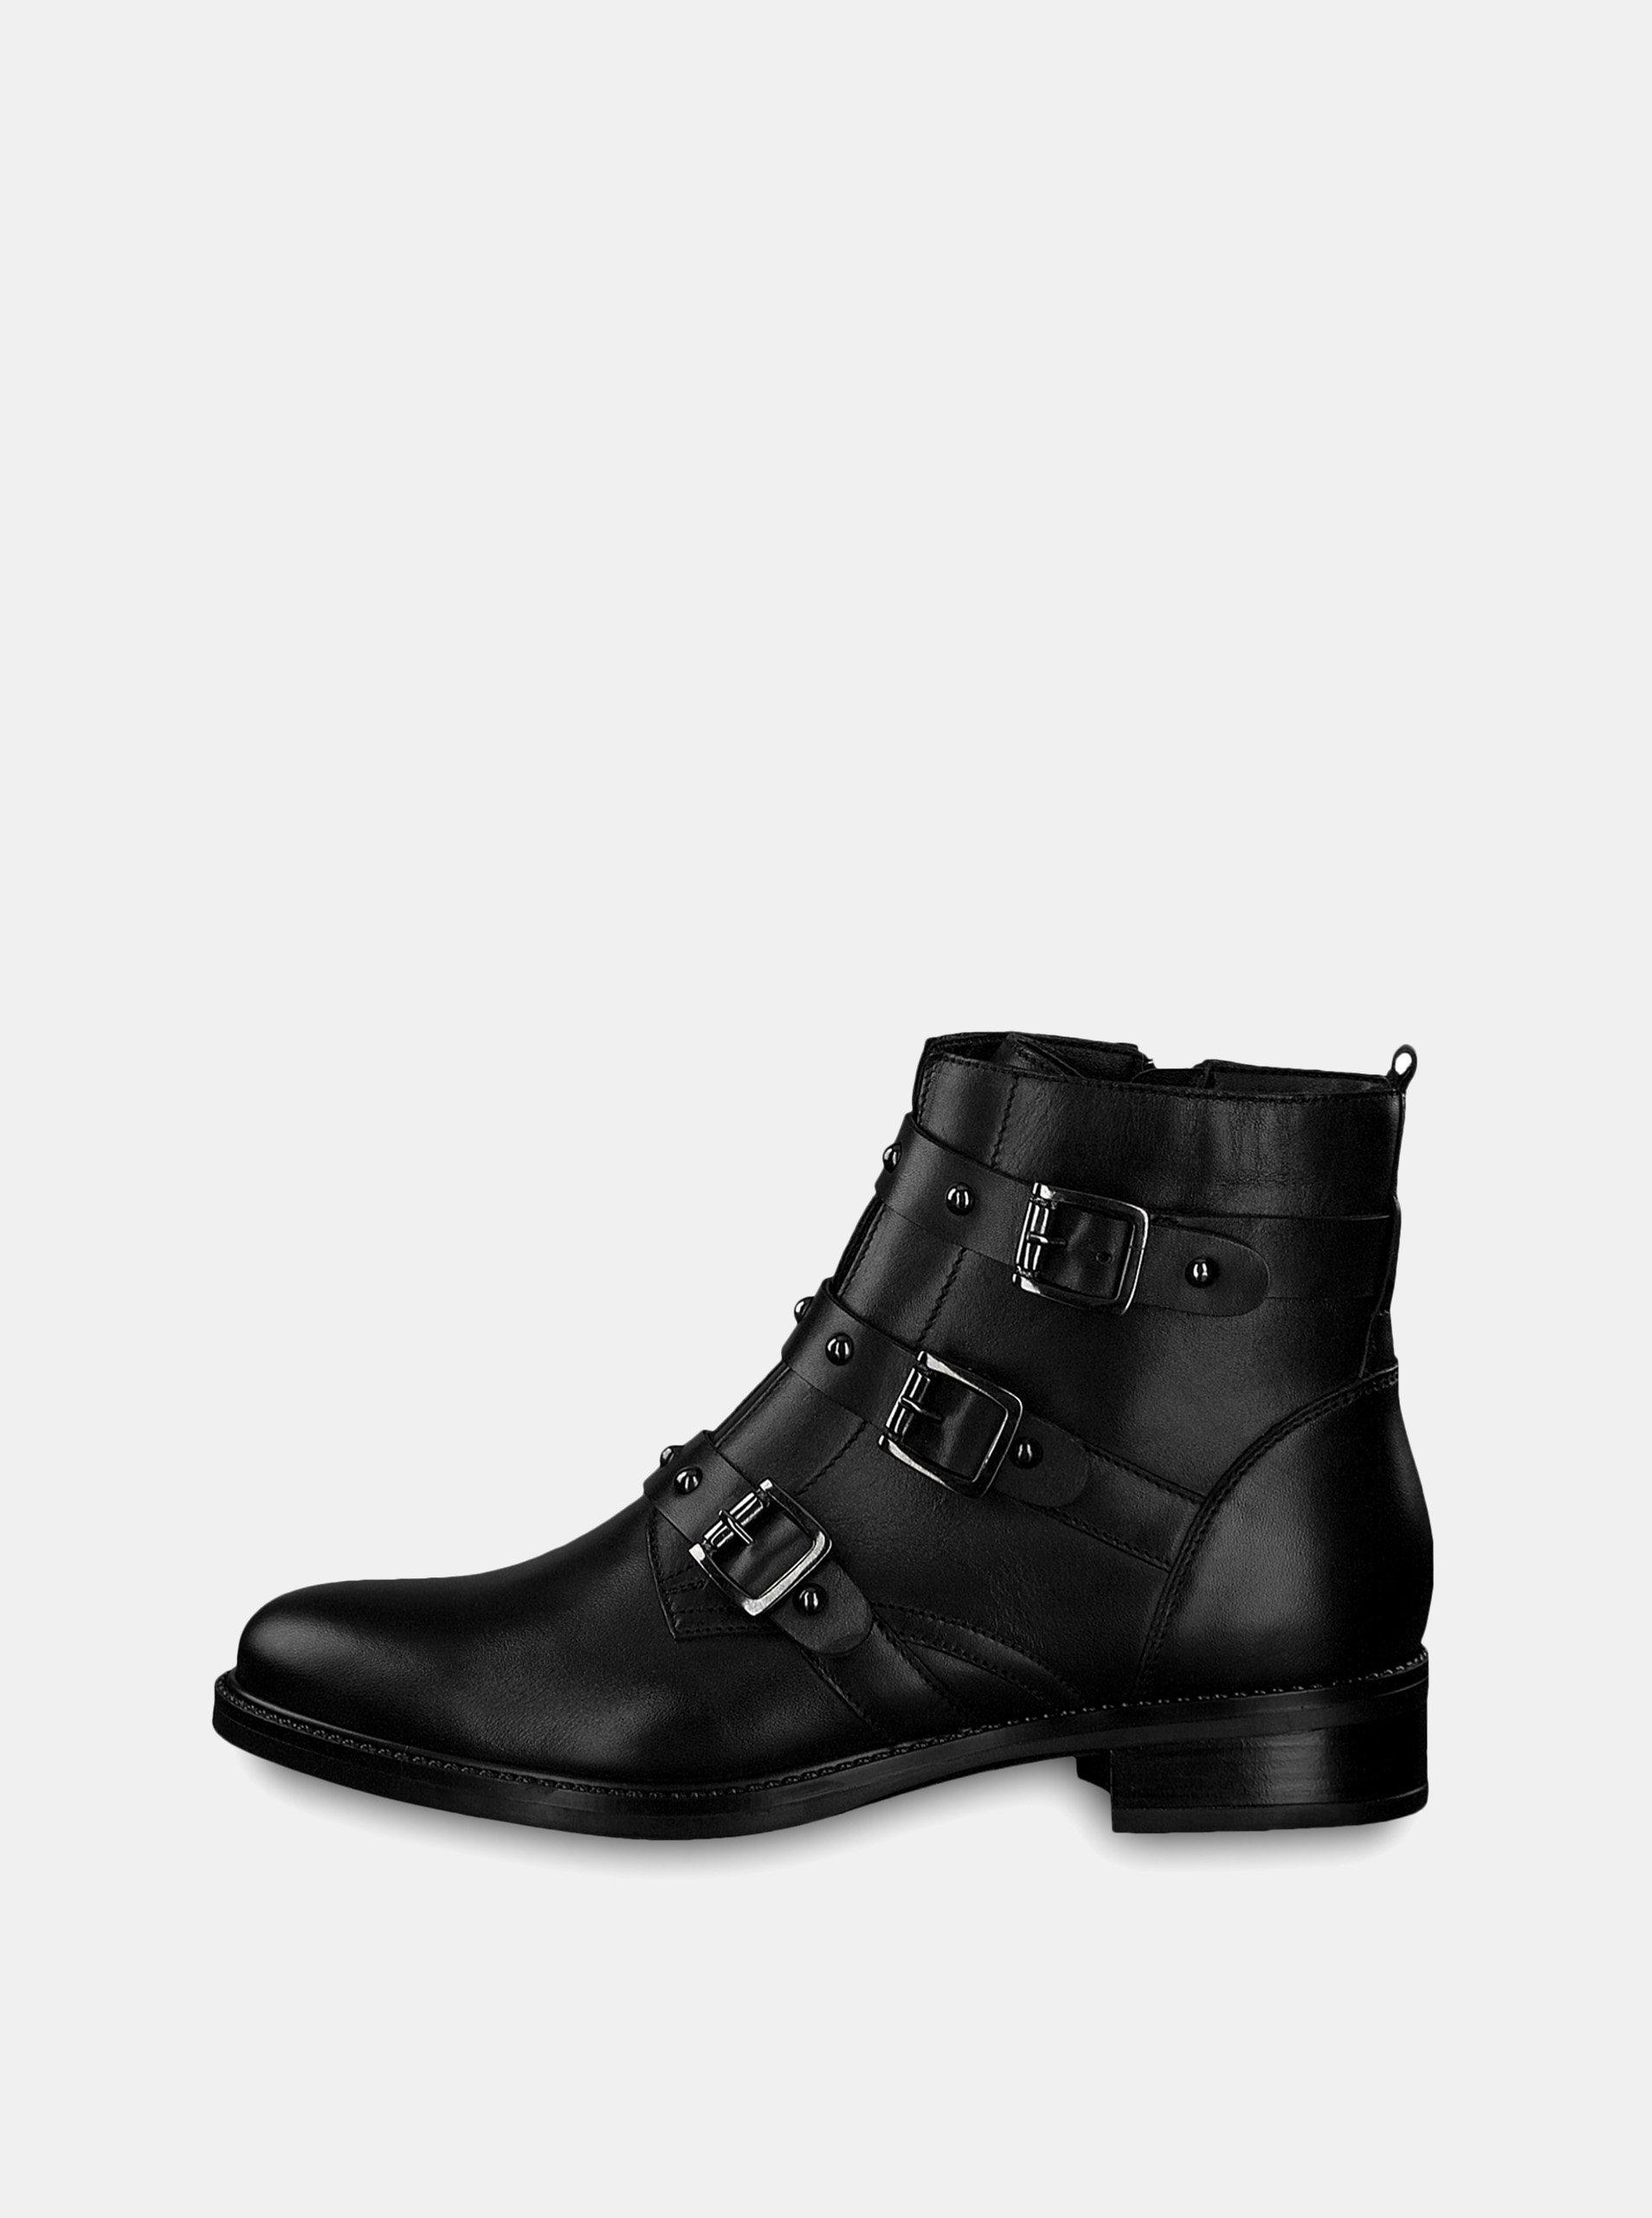 Čierne kožené členkové topánky s prackami Tamaris ... 475e382c2c3